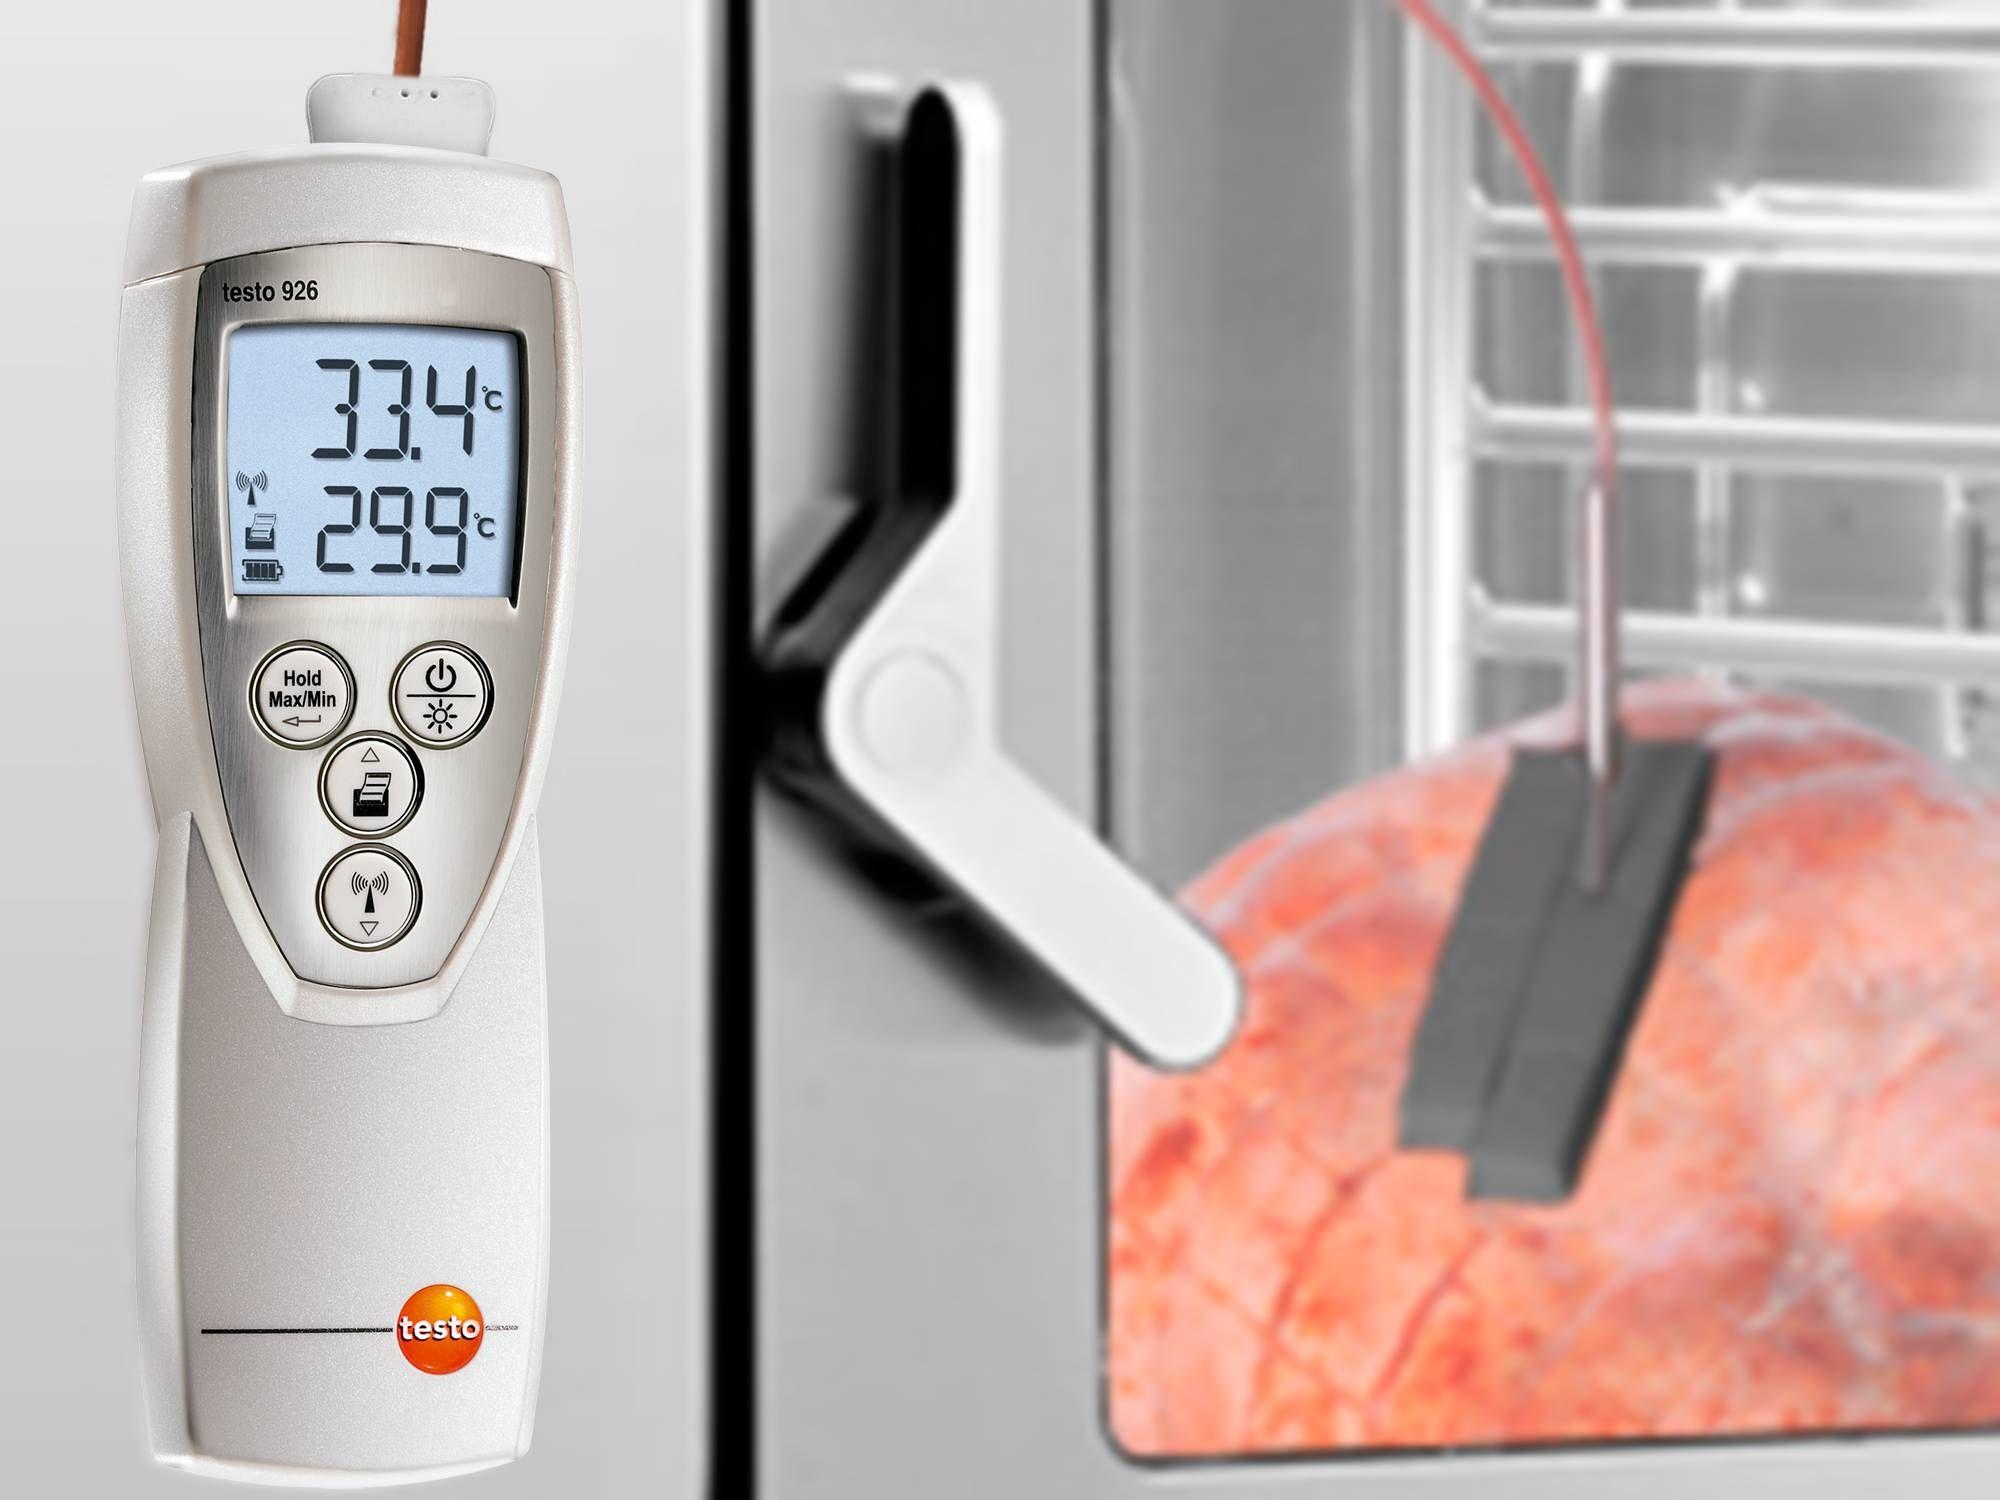 Imag-ES-testo926-Aplicacion-CocinaVacio-326dpi-01.png